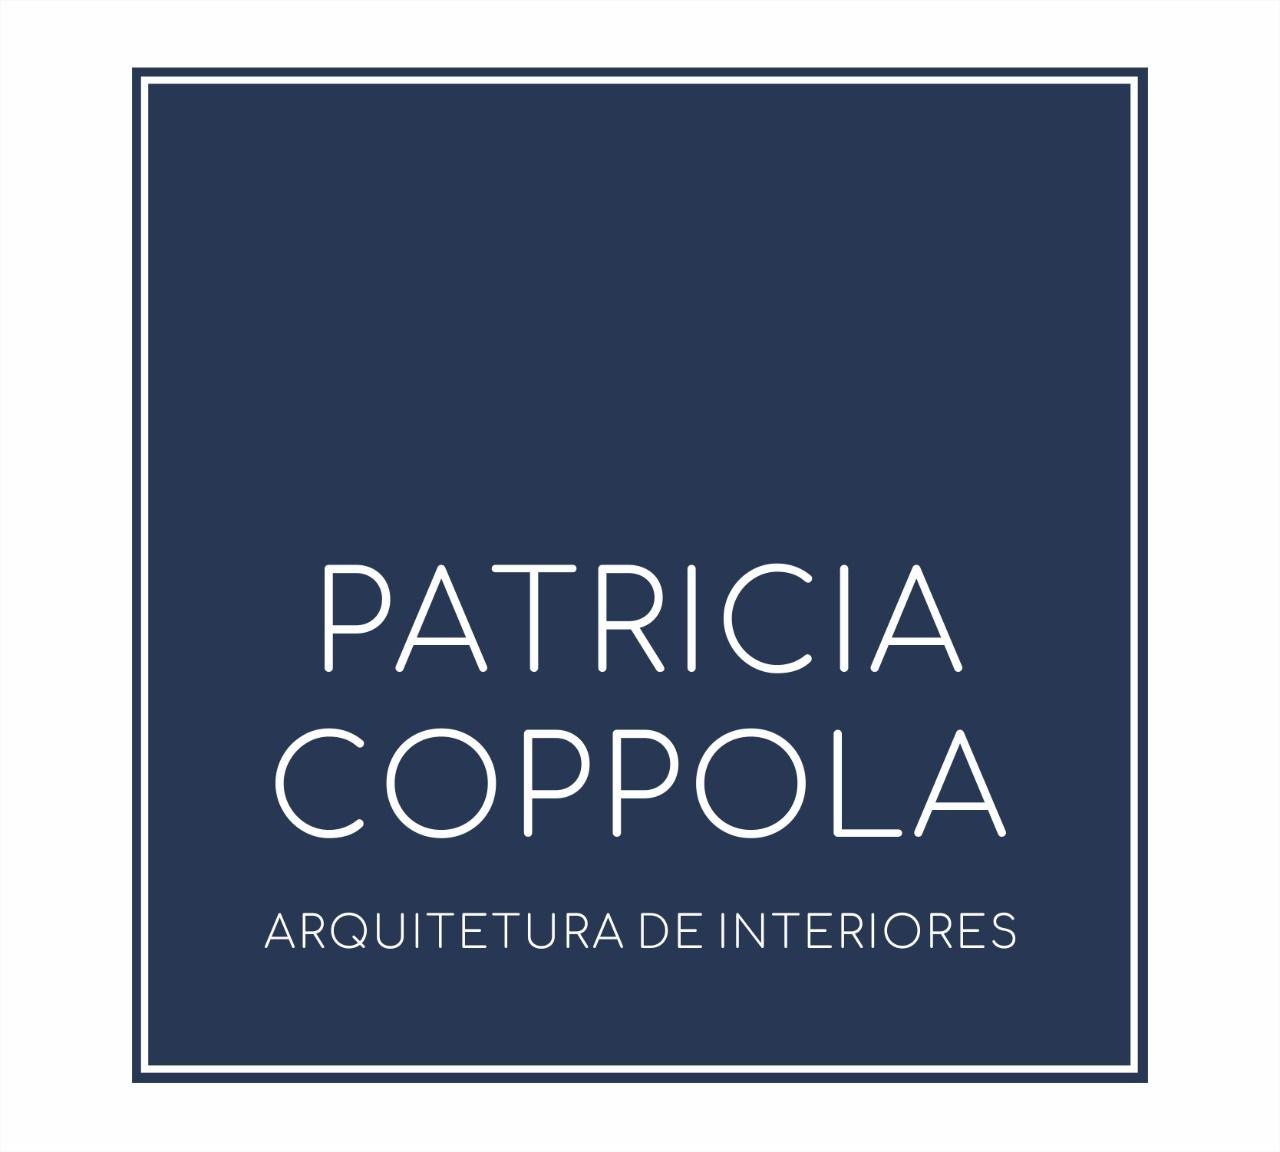 Patricia Coppola - Arquitetura Interiores em Guarujá